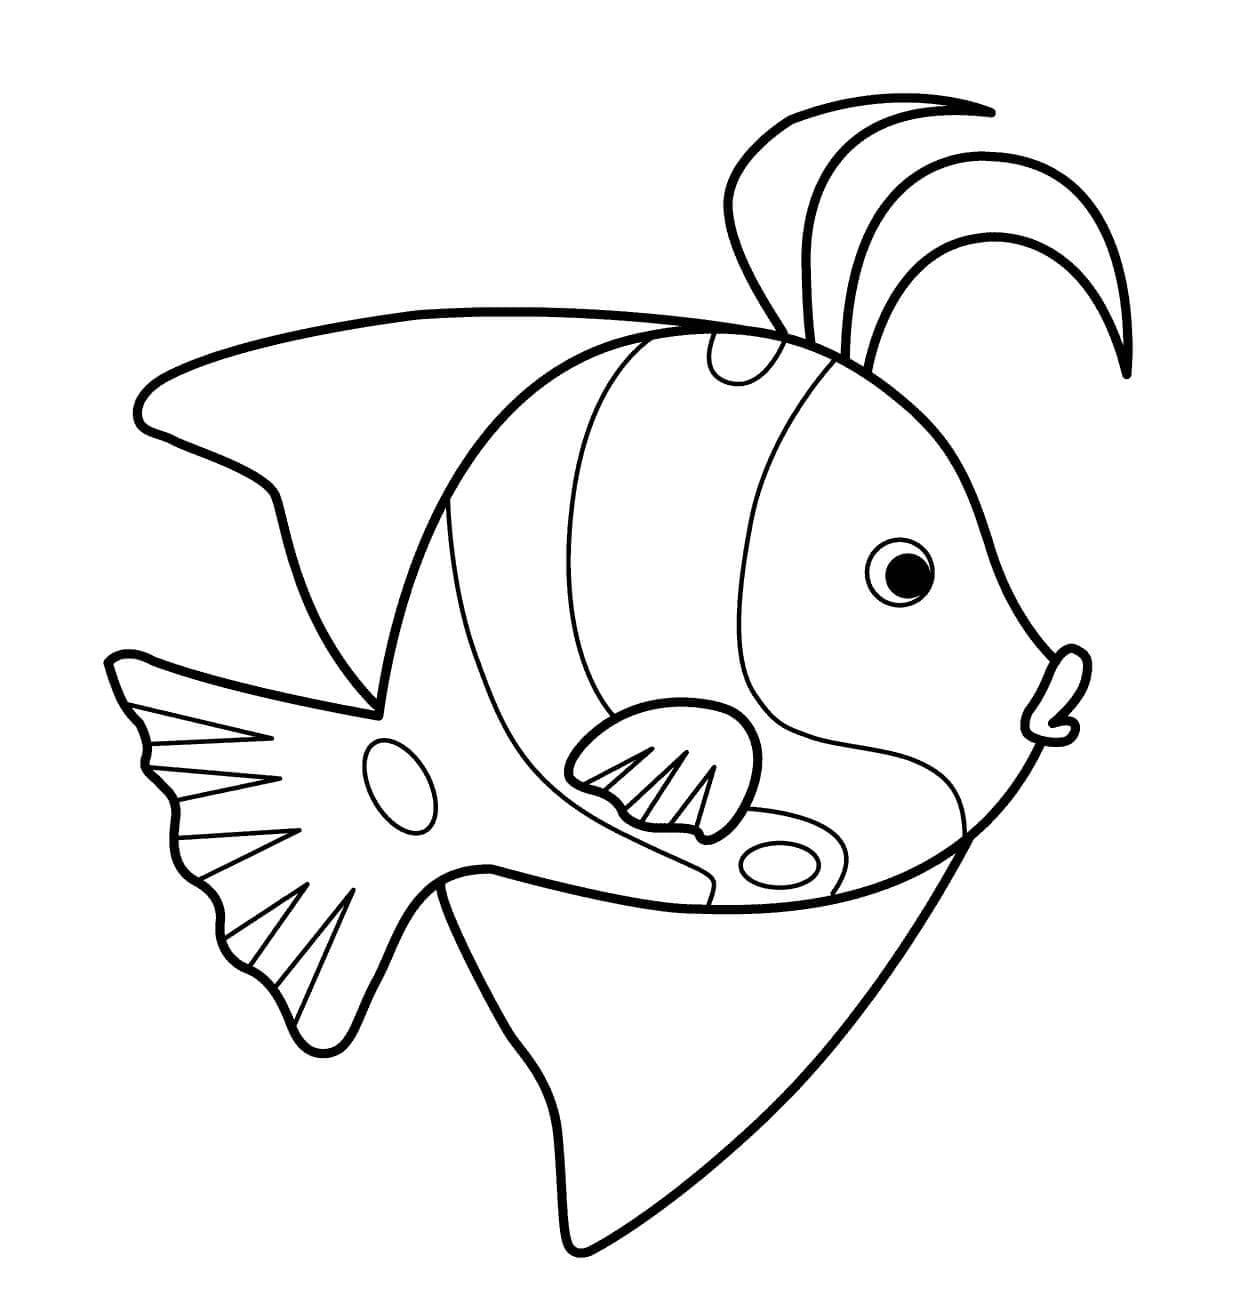 морские рыбки раскраска просто уделяют